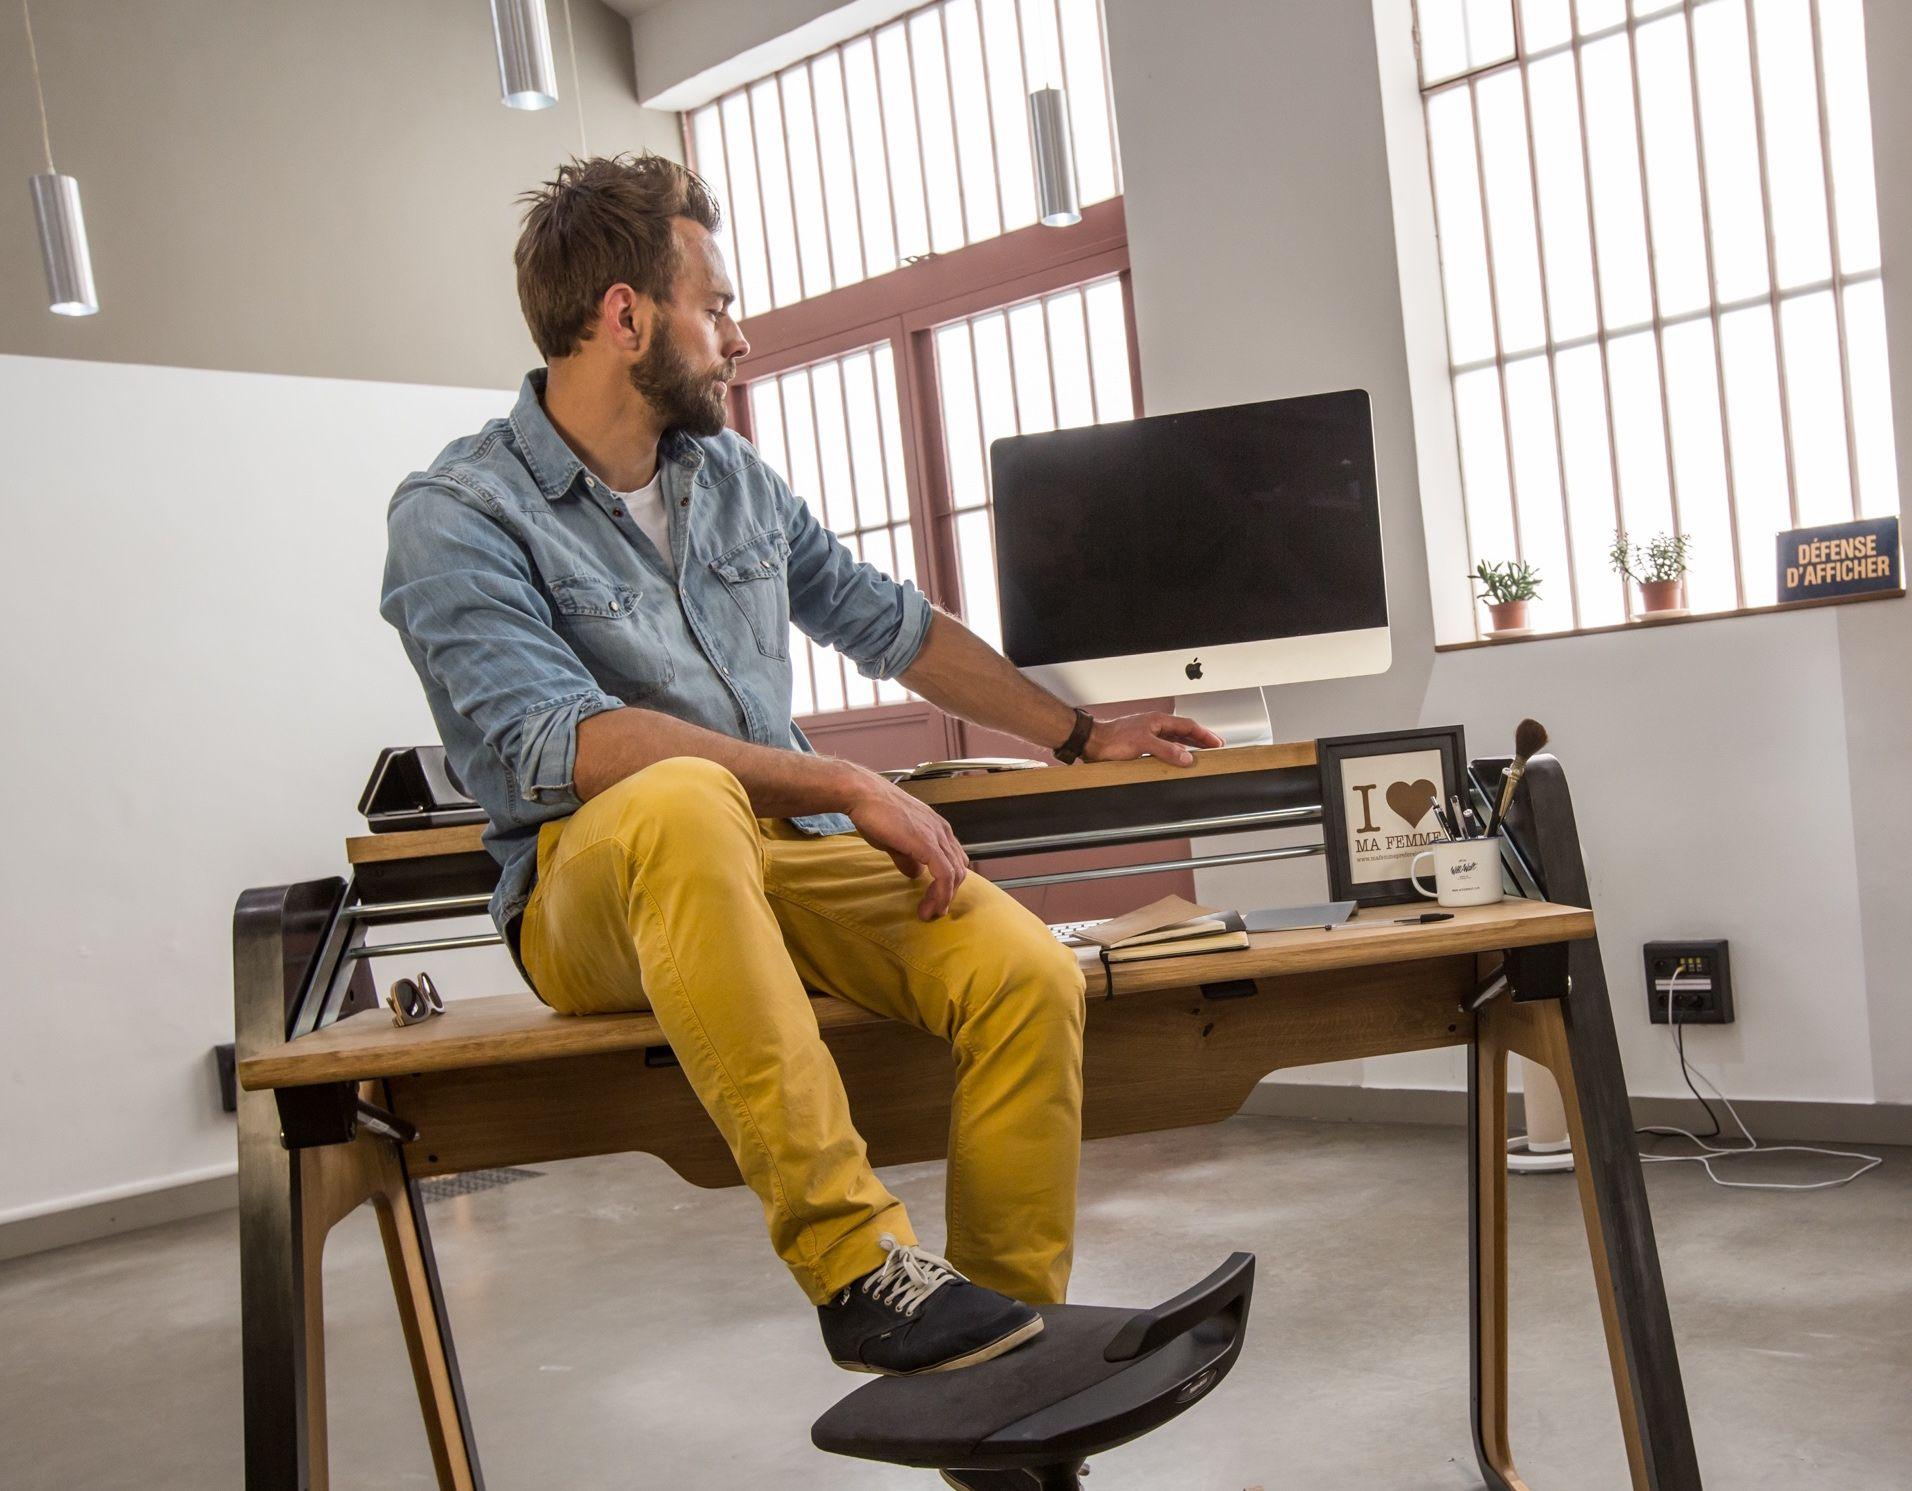 mobilier bureau design elegant mobilier bureau design unique mobilier de bureau design pas cher. Black Bedroom Furniture Sets. Home Design Ideas